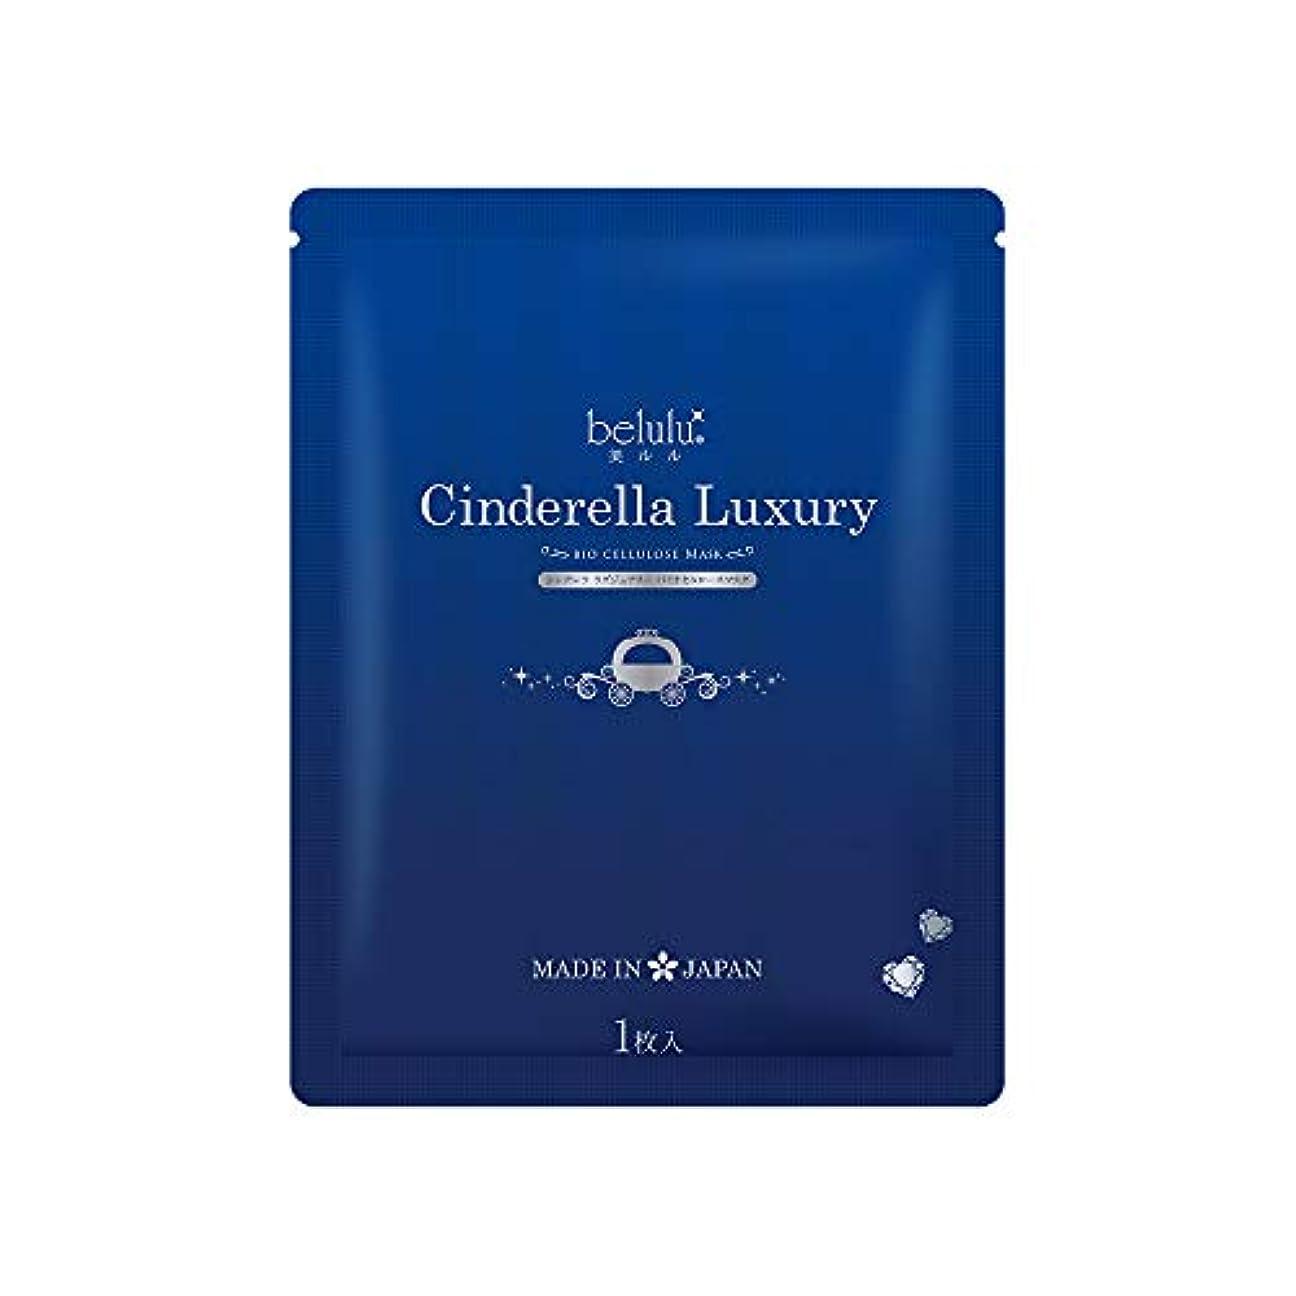 すり損失癌フェイスマスク 美ルル シンデレラ ラグジュアリー パック 美白 保湿 美肌 日本製 belulu Cinderella Luxury